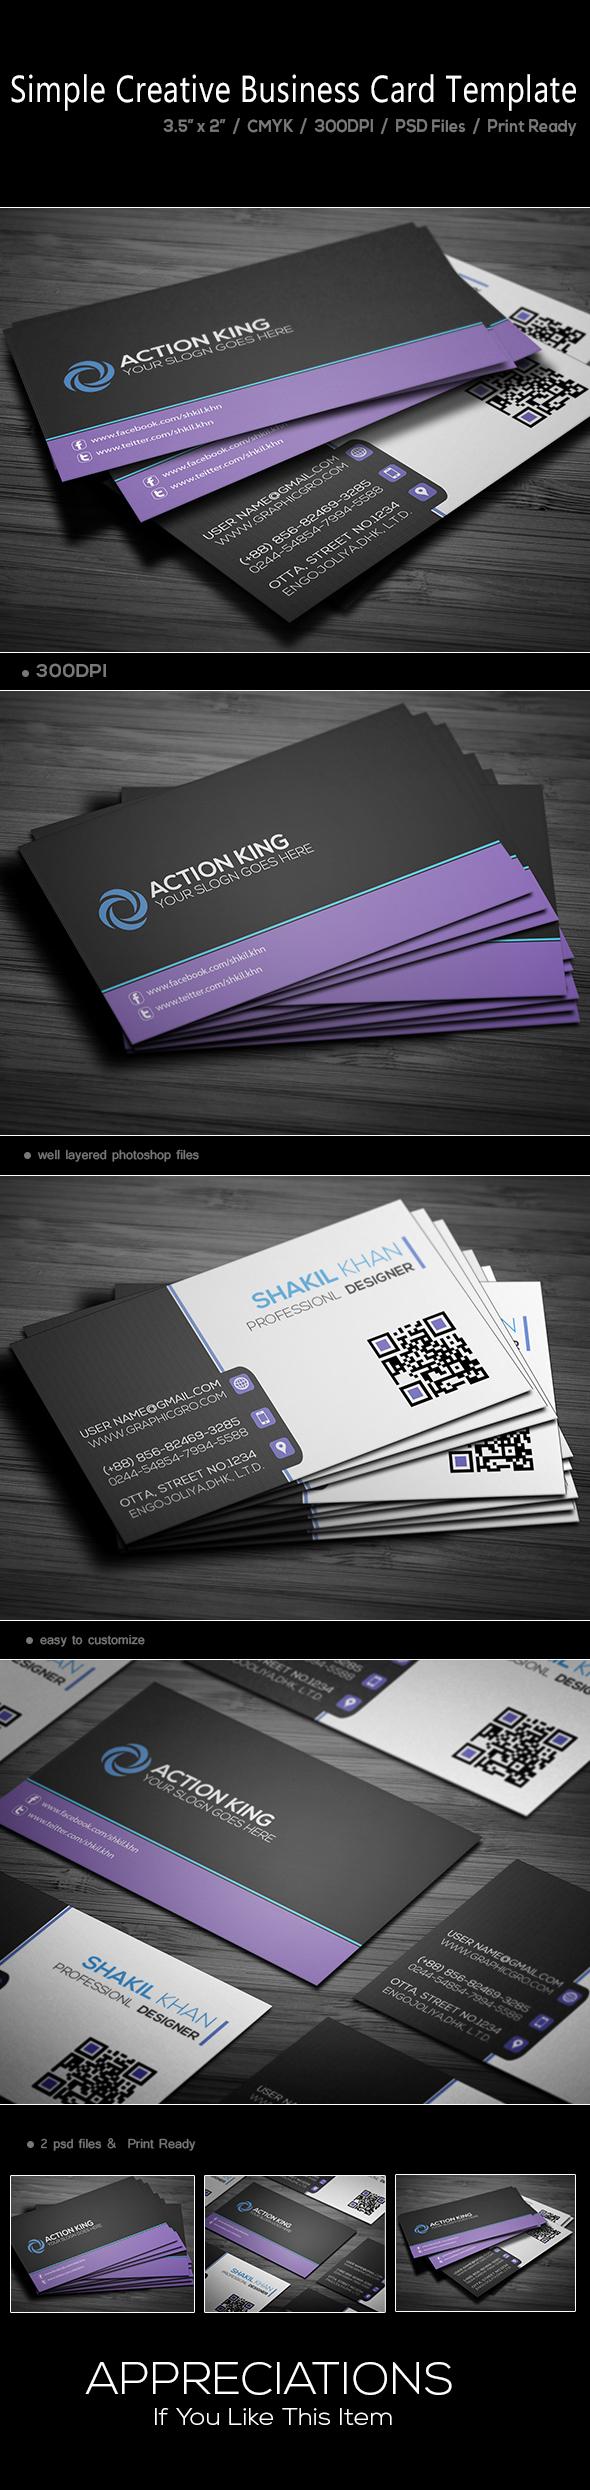 Simple Creative Corporat Business Card Template